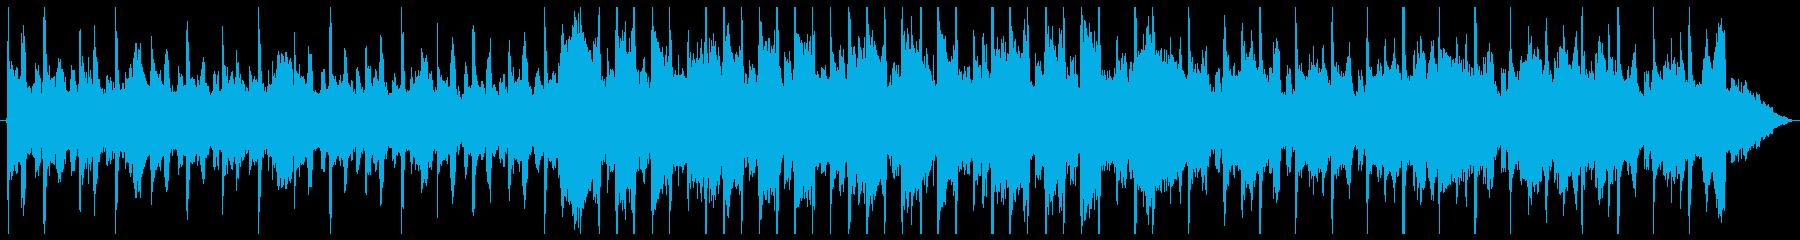 無機質でエモを感じるBGMの再生済みの波形